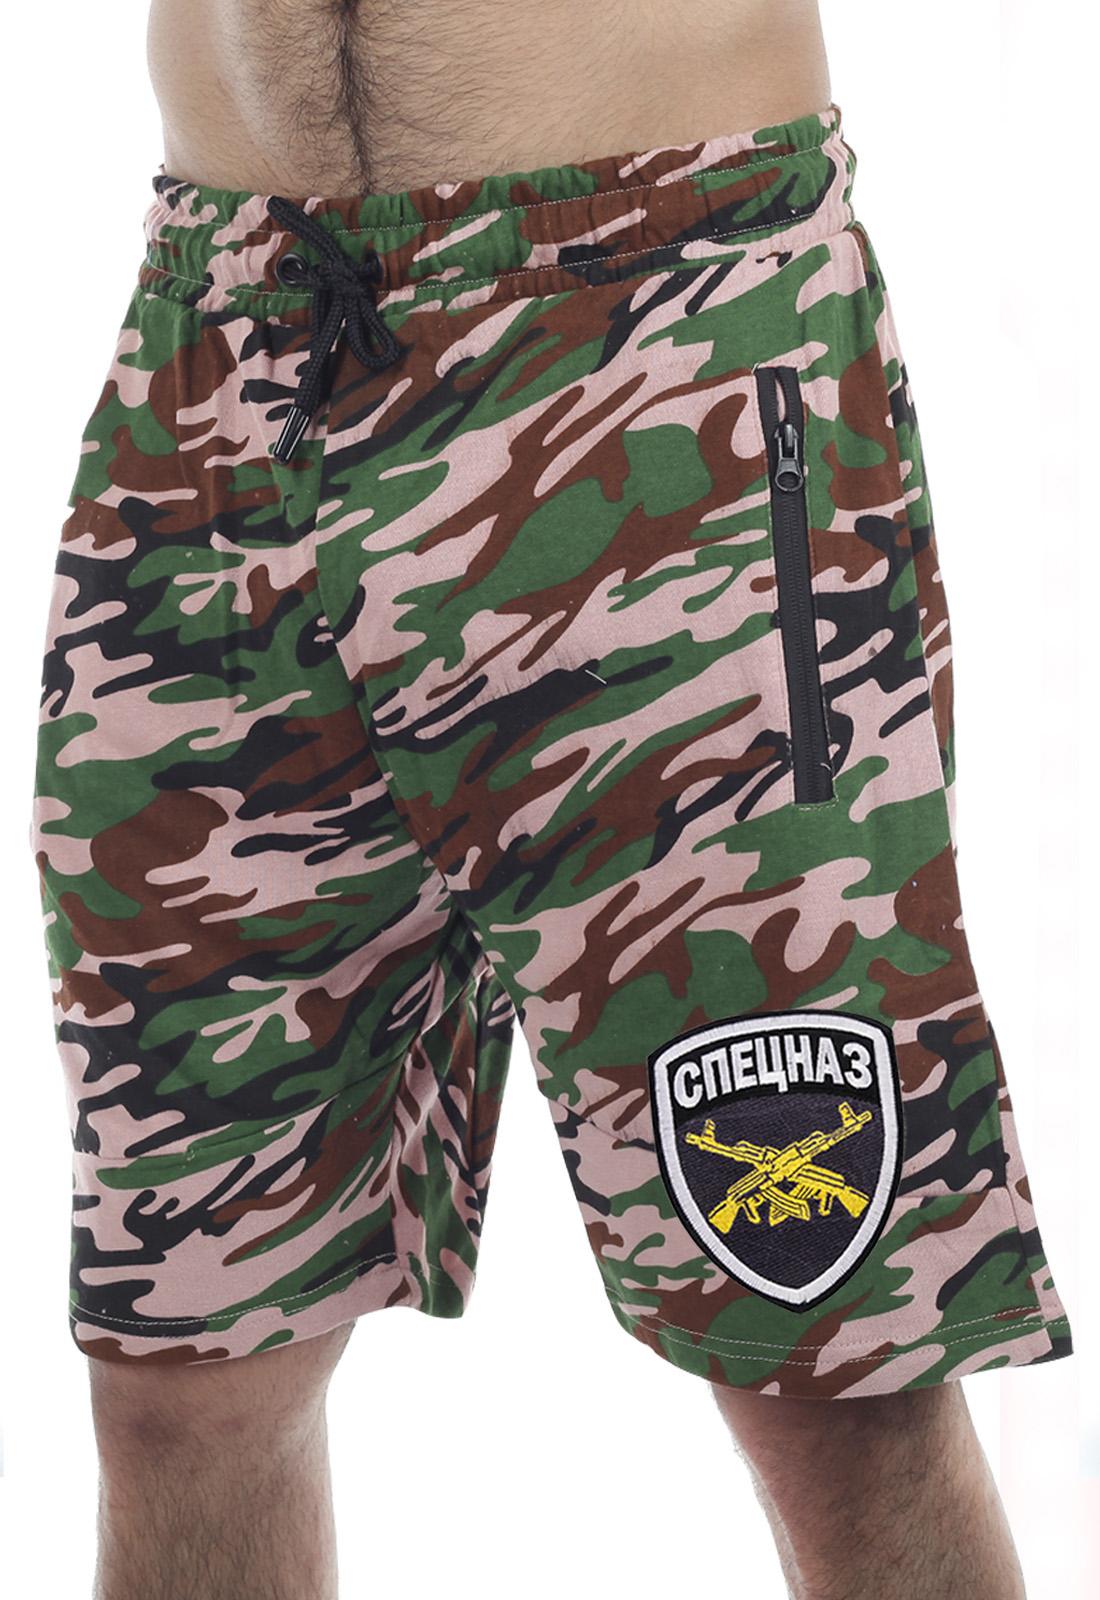 Недорогие шорты Спецназа в камуфляже